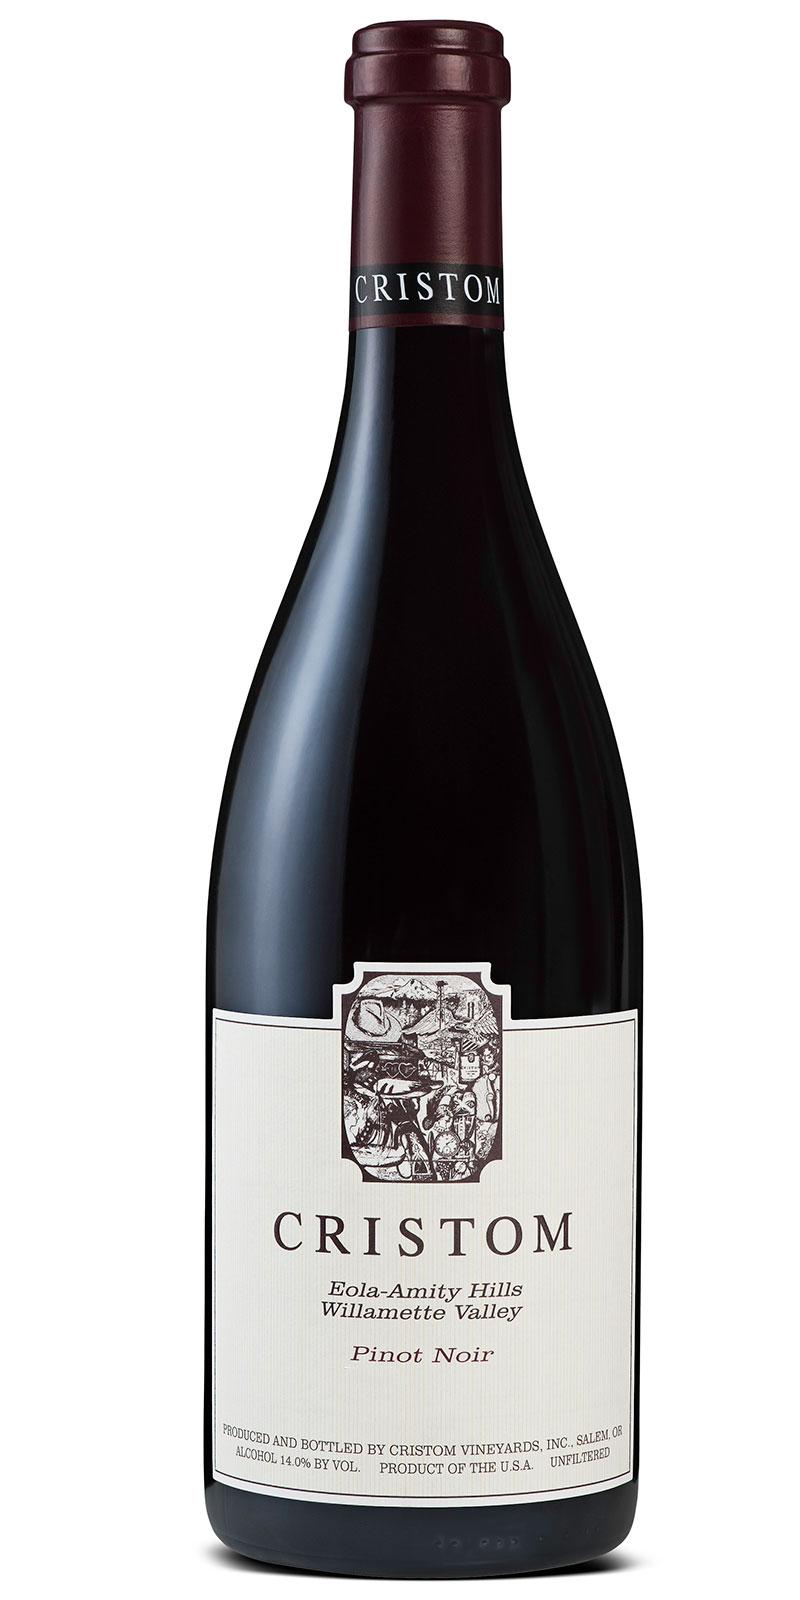 Cristom Eola-Amity Hills Willamette Valley Pinot Noir bottle